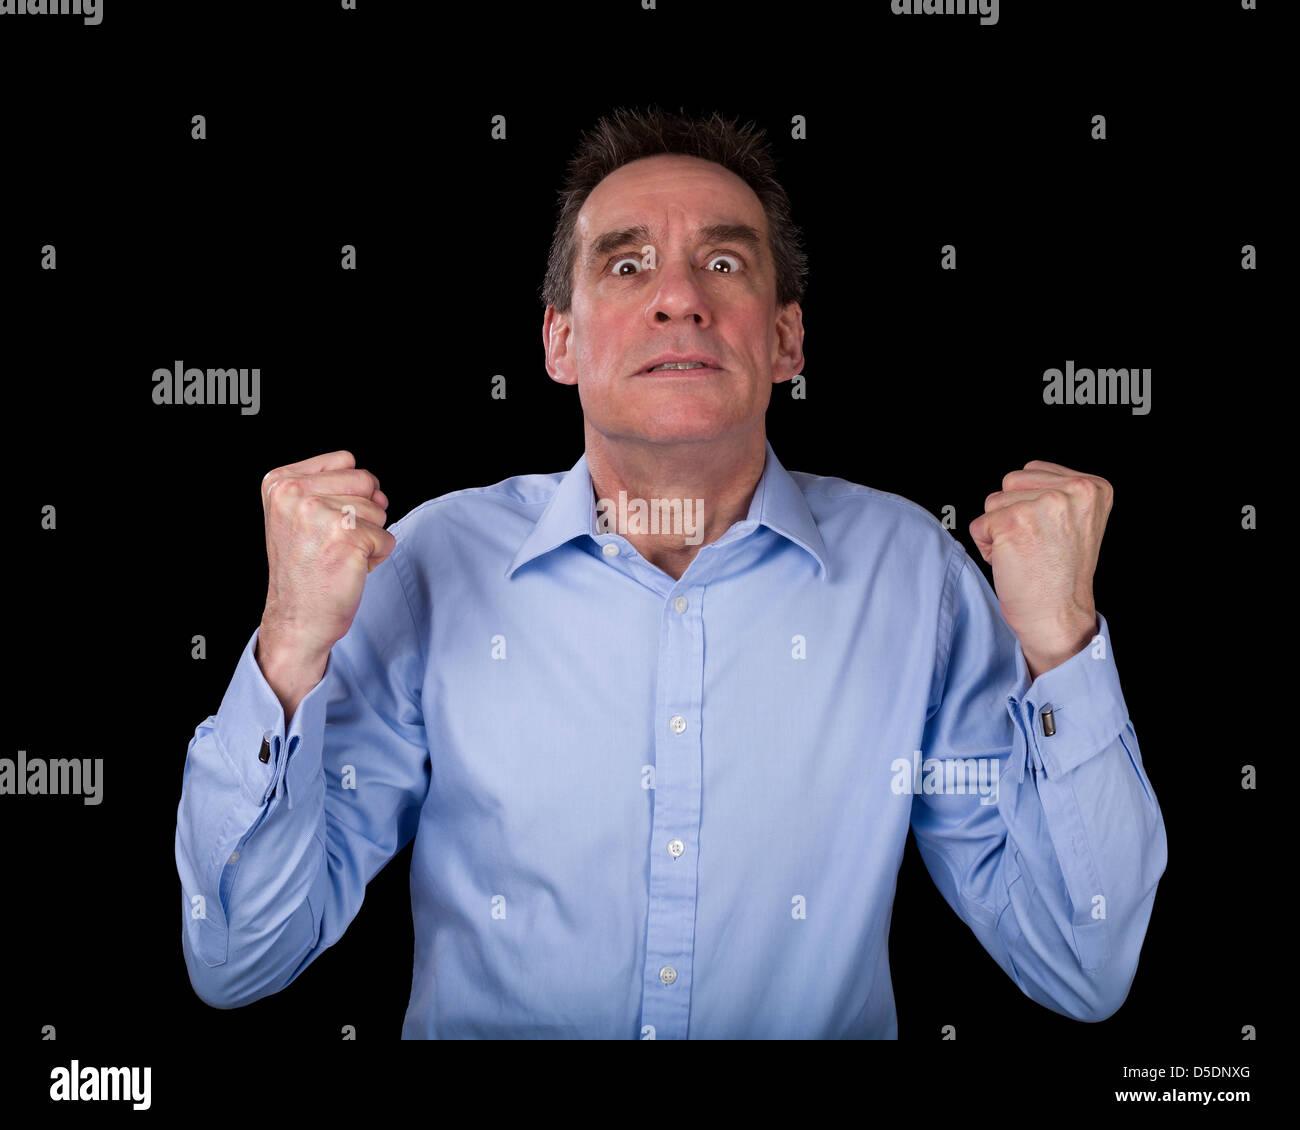 L'âge moyen frustré Business Man Shaking poings de colère Fond noir Photo Stock